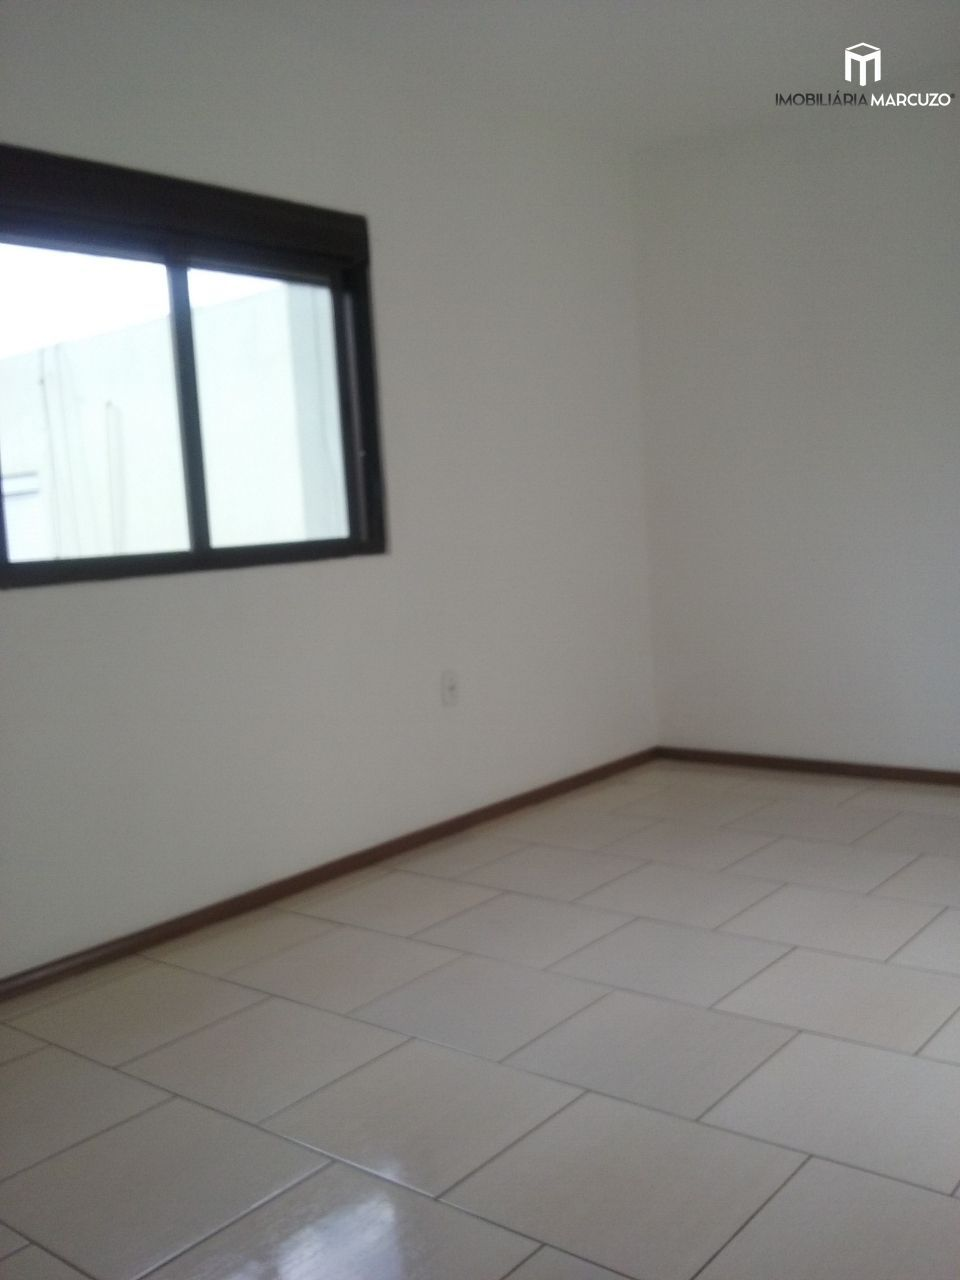 Apartamento com 2 Dormitórios à venda, 66 m² por R$ 268.000,00